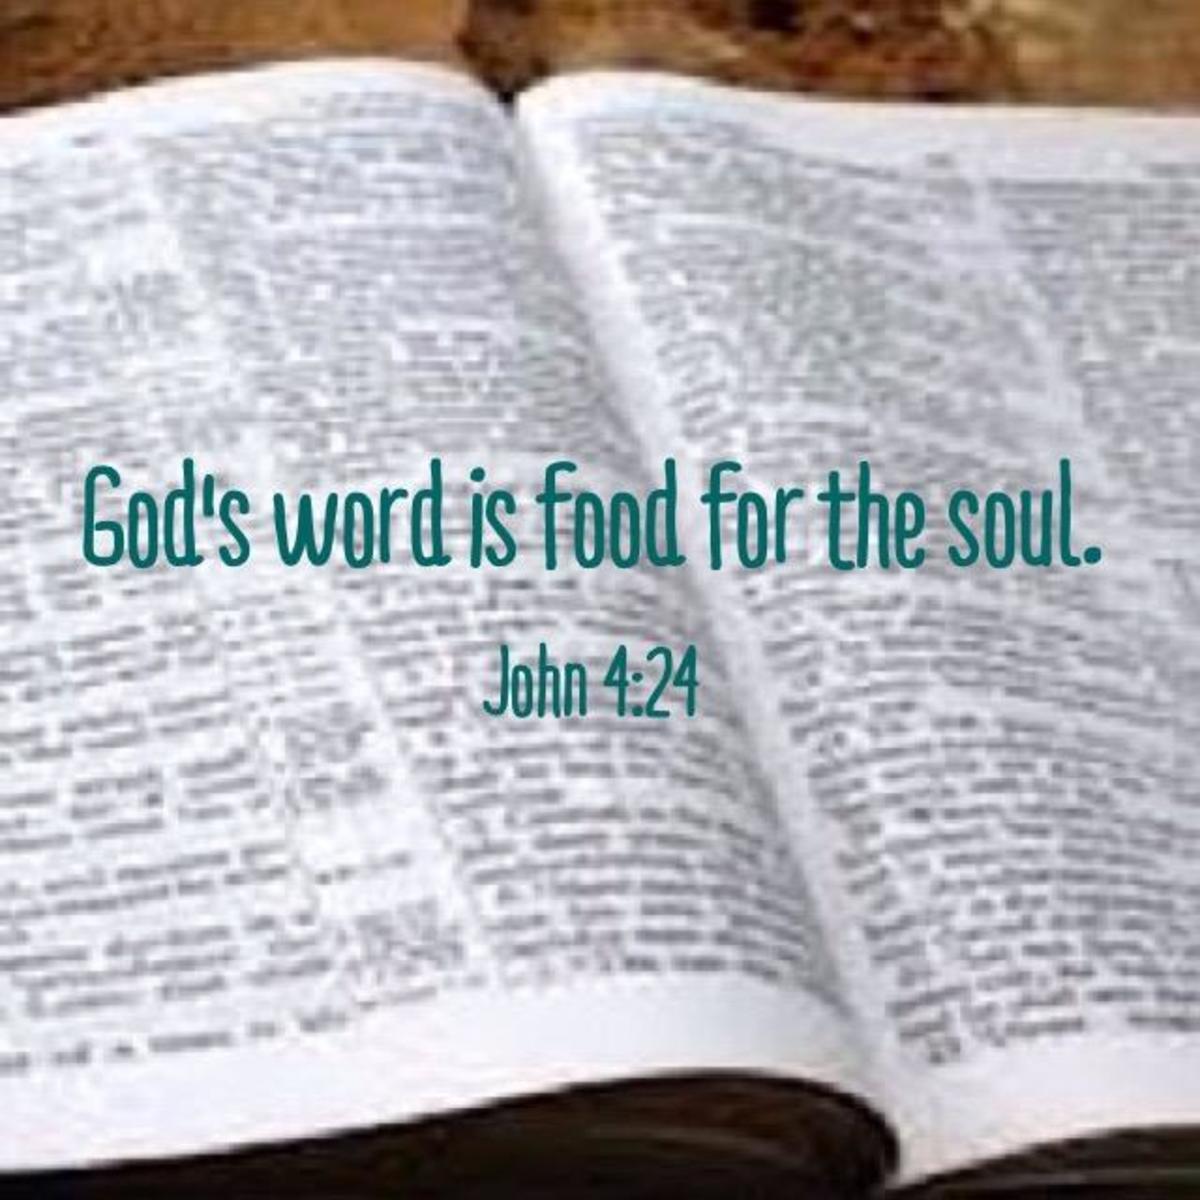 5-unique-ways-to-describe-gods-word